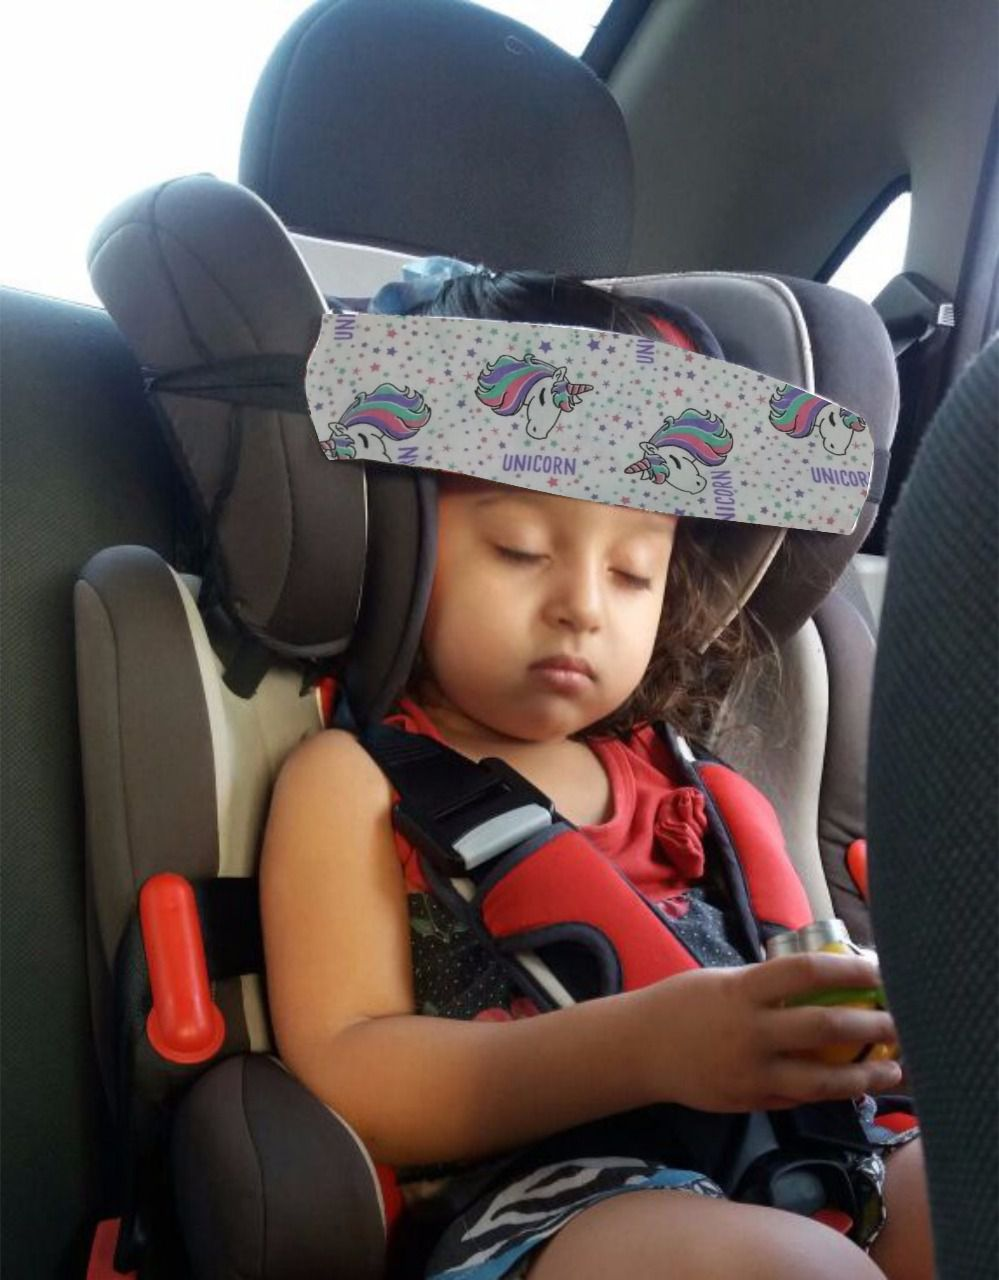 Faixa soninho protege a cabeça do bebê durante a viagem